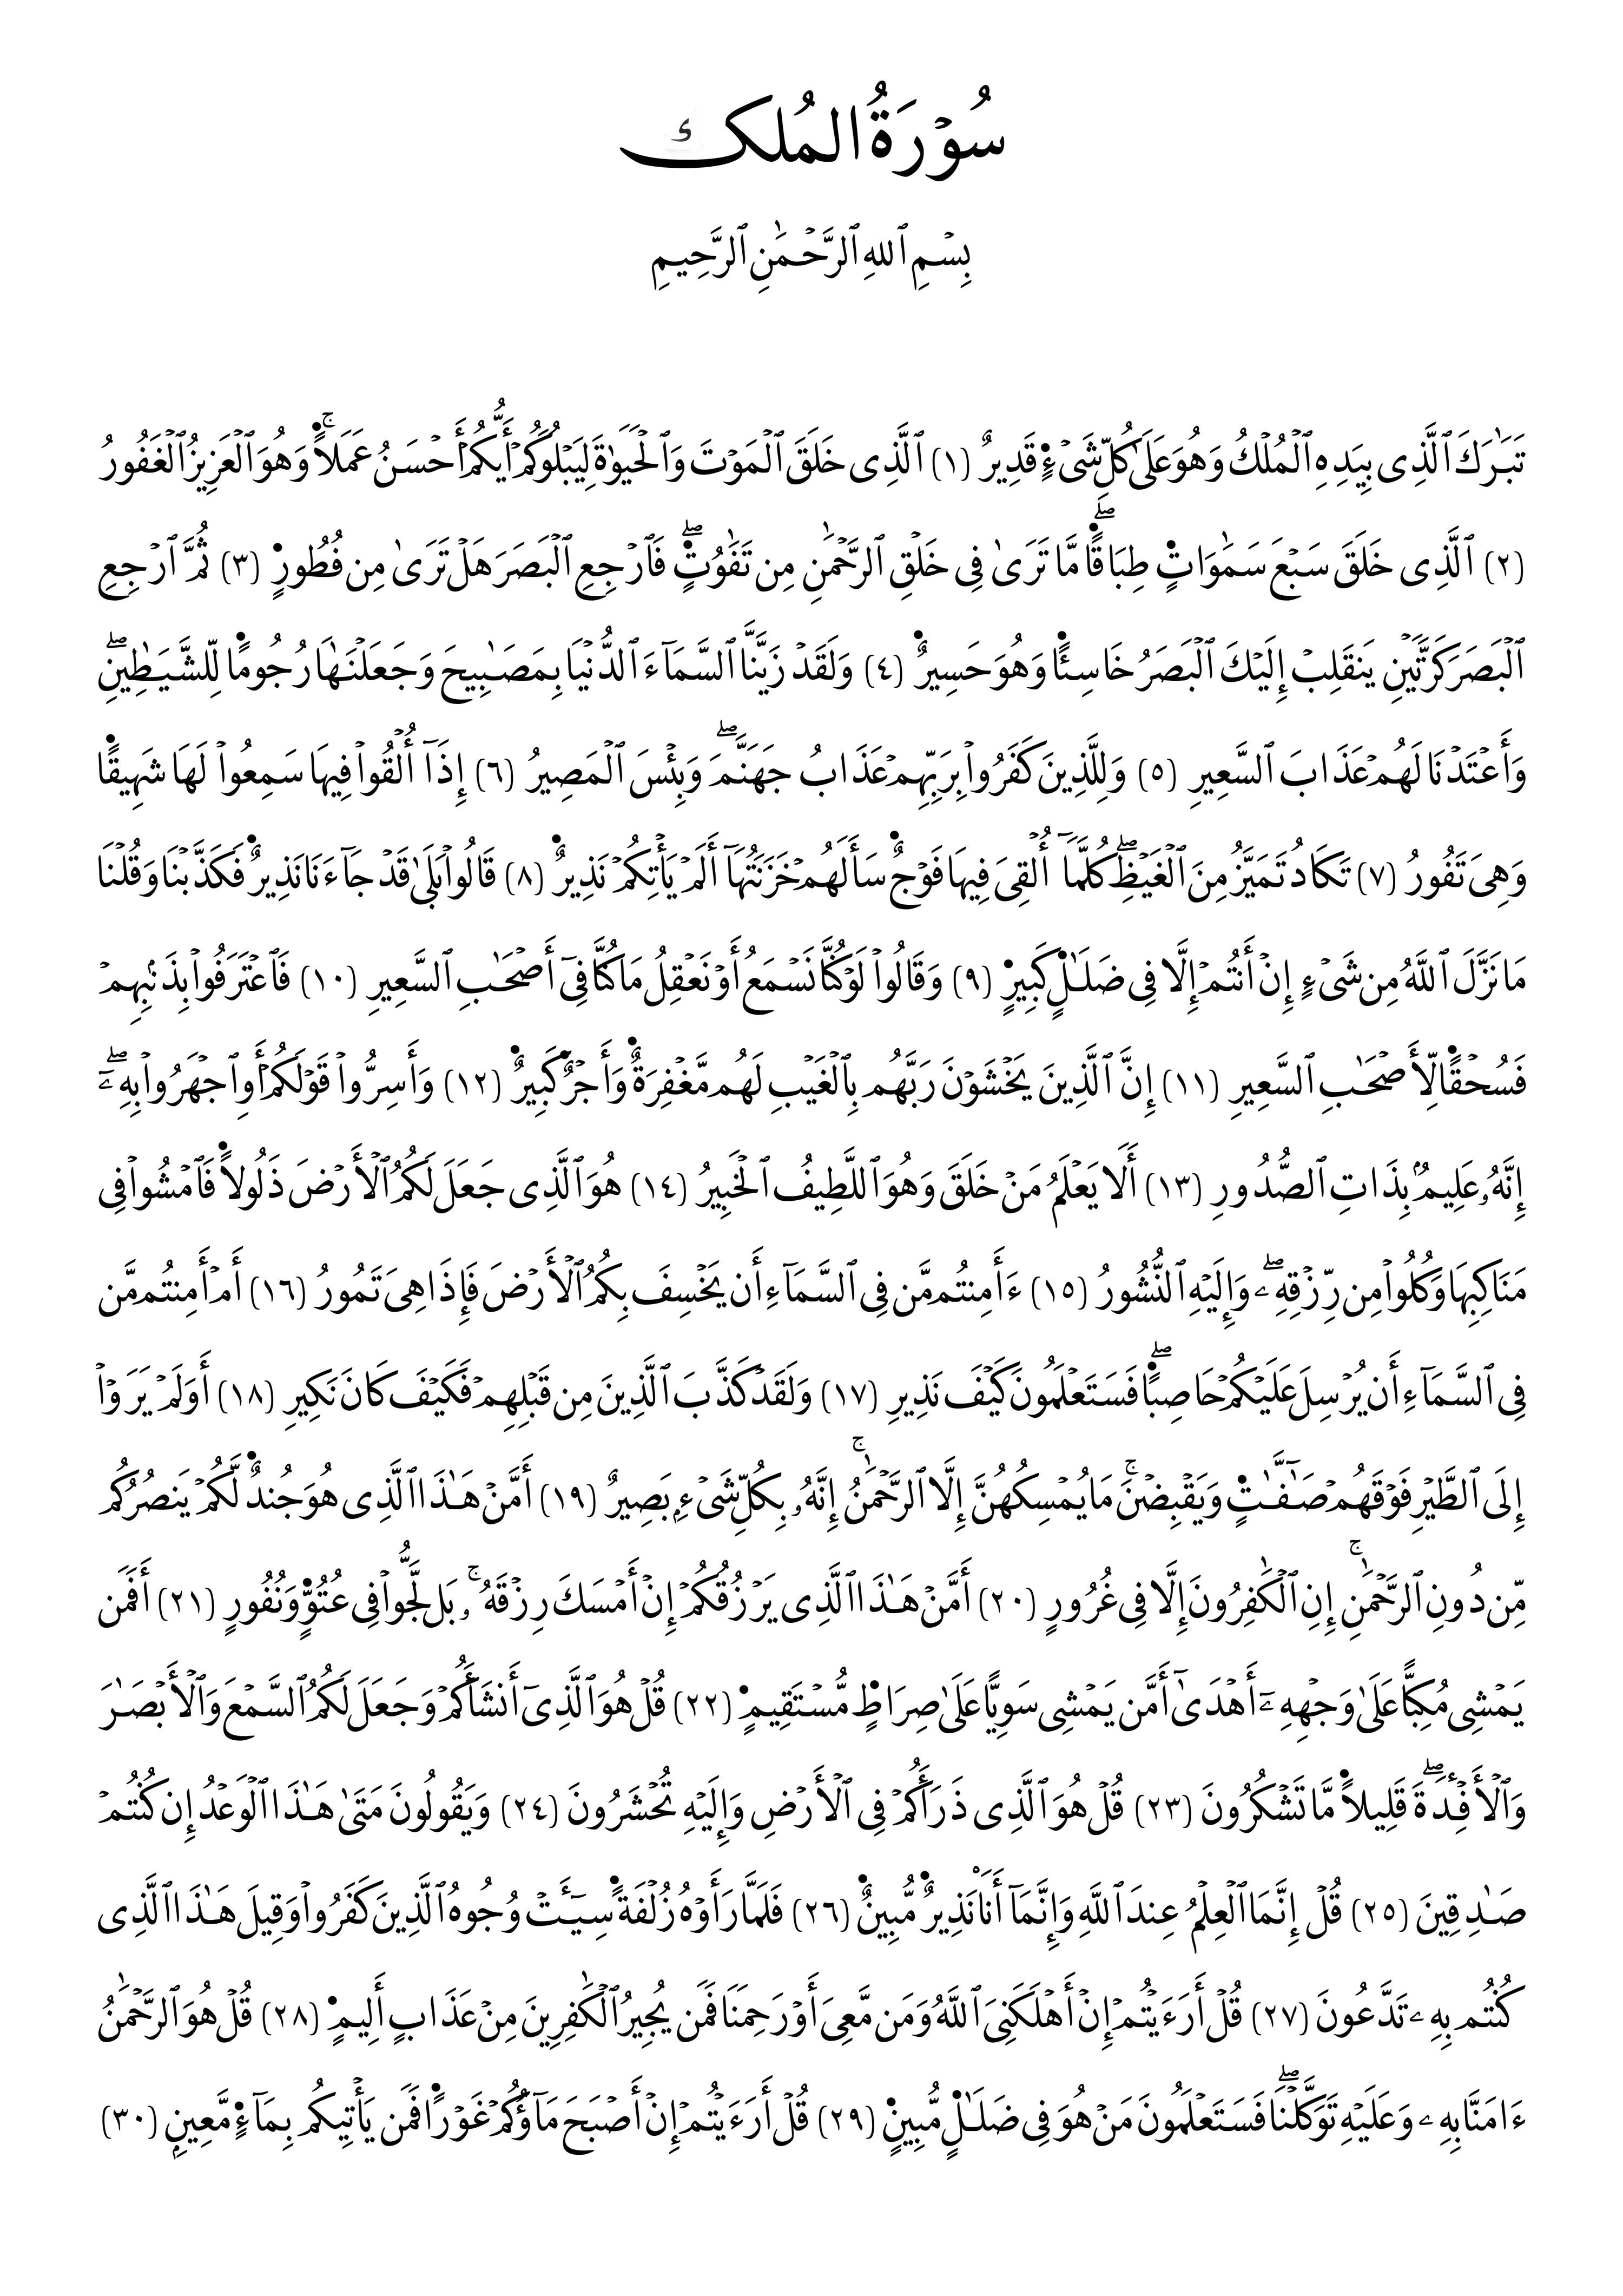 Surah mulk pdf free download